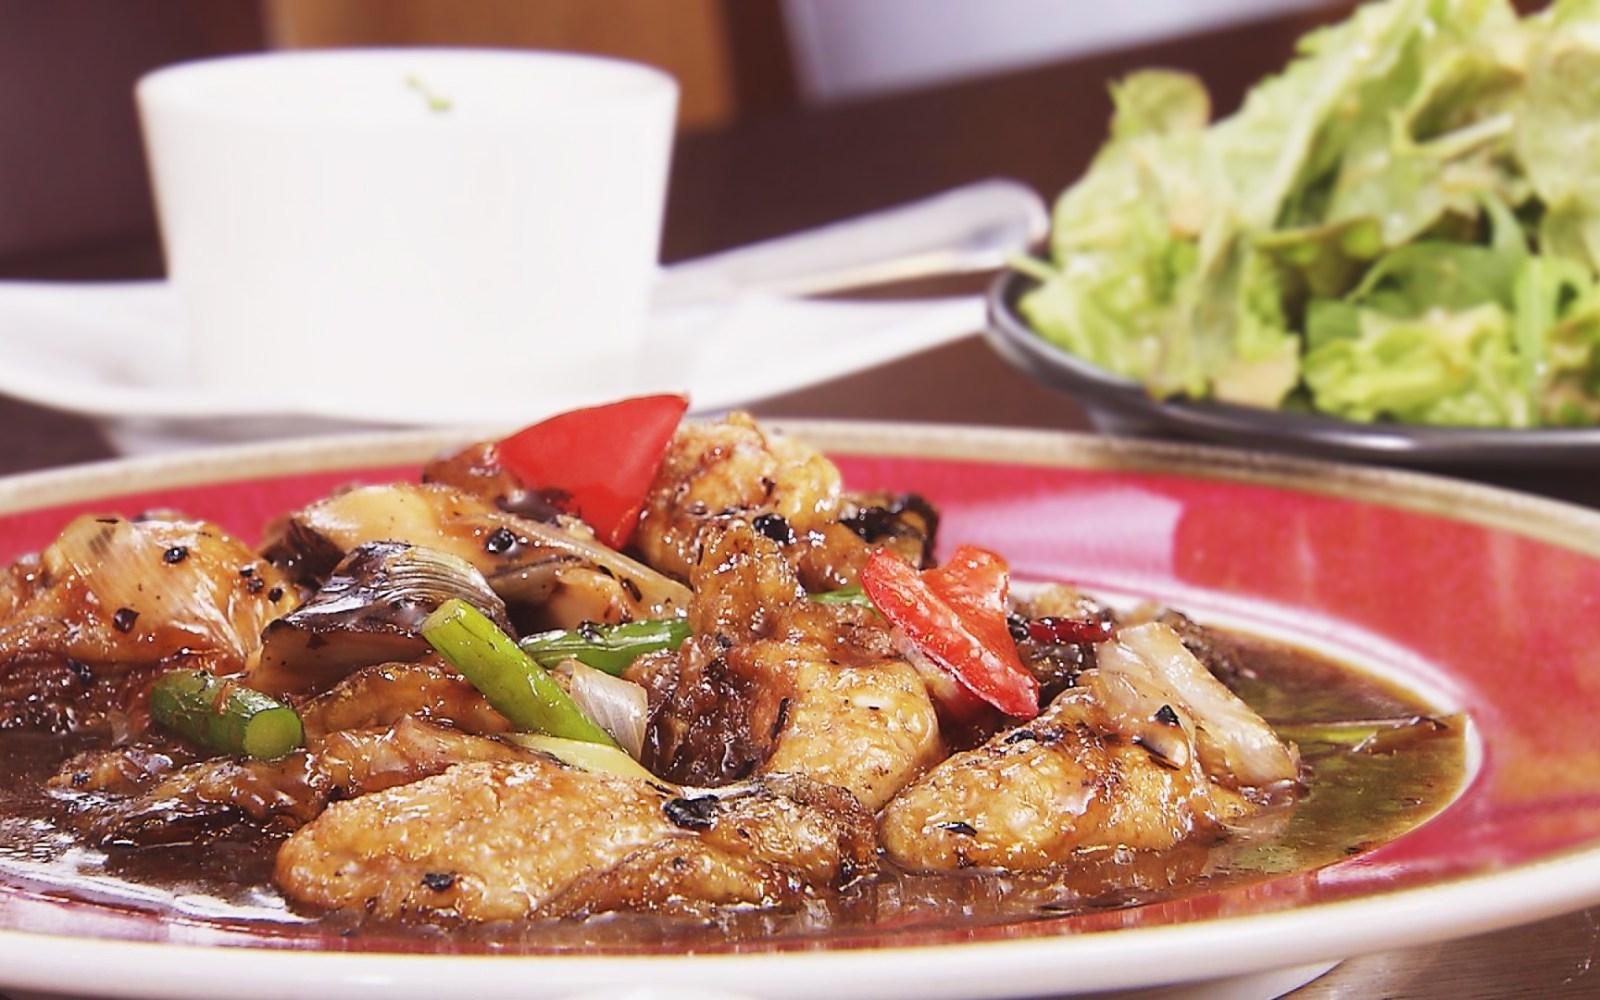 おしゃれ空間で頂く、ぷりっぷりの牡蠣と彩野菜をつかった黒豆味噌炒め